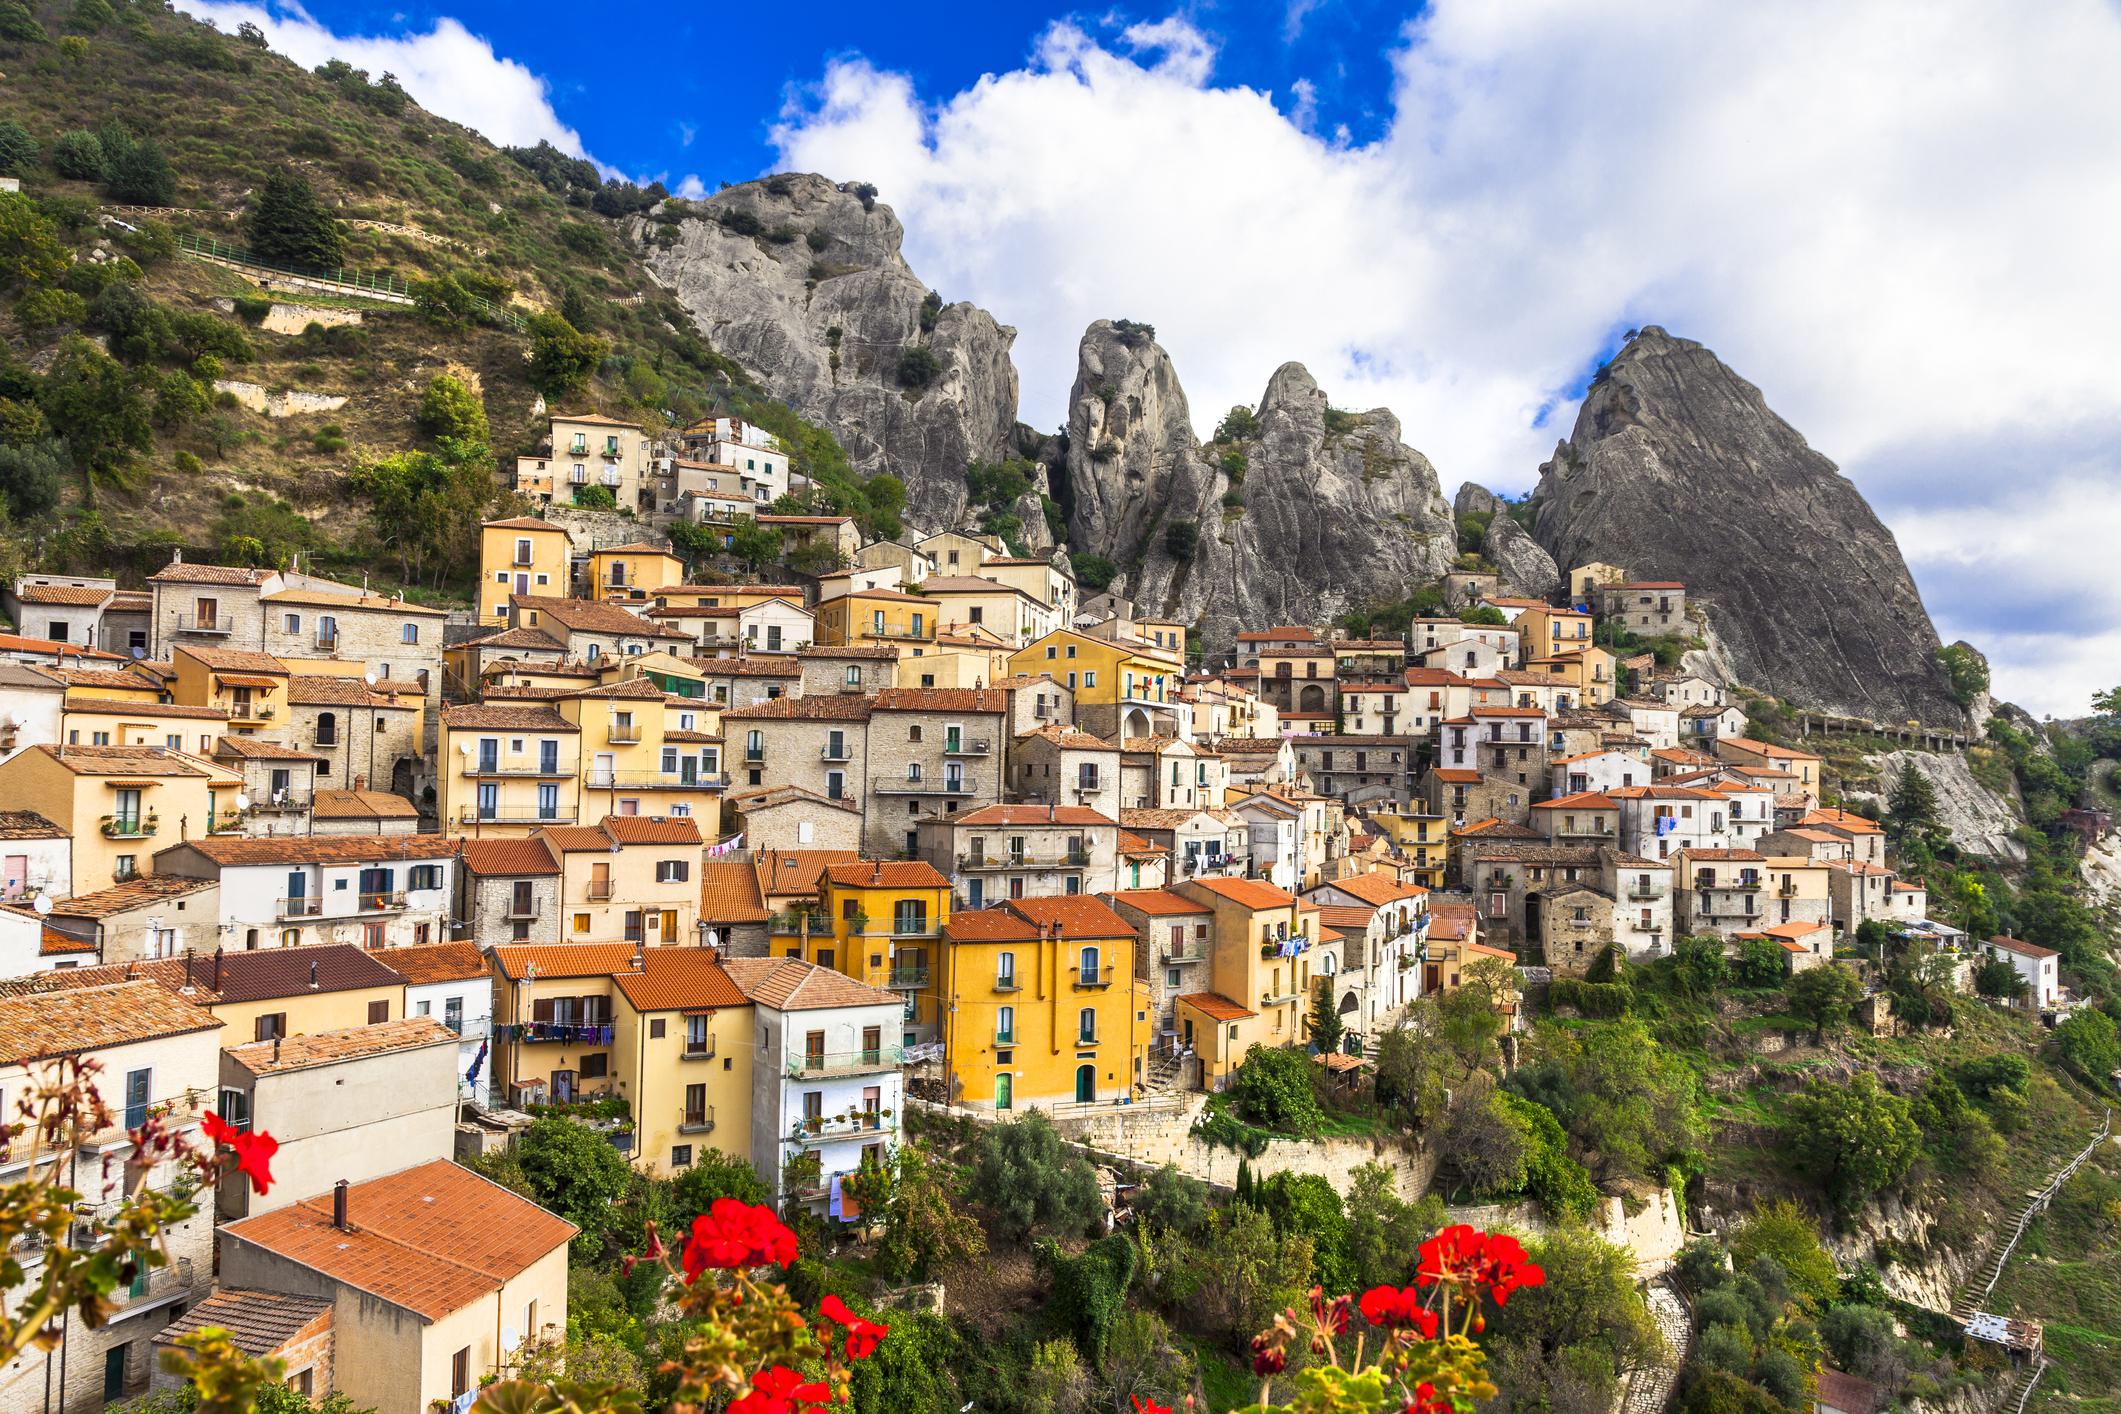 Кастелмеца̀ное село иобщинав ЮжнаИталия, провинцияПотенца, регионБазиликата. Разположено е на 750 метра надморска височина.